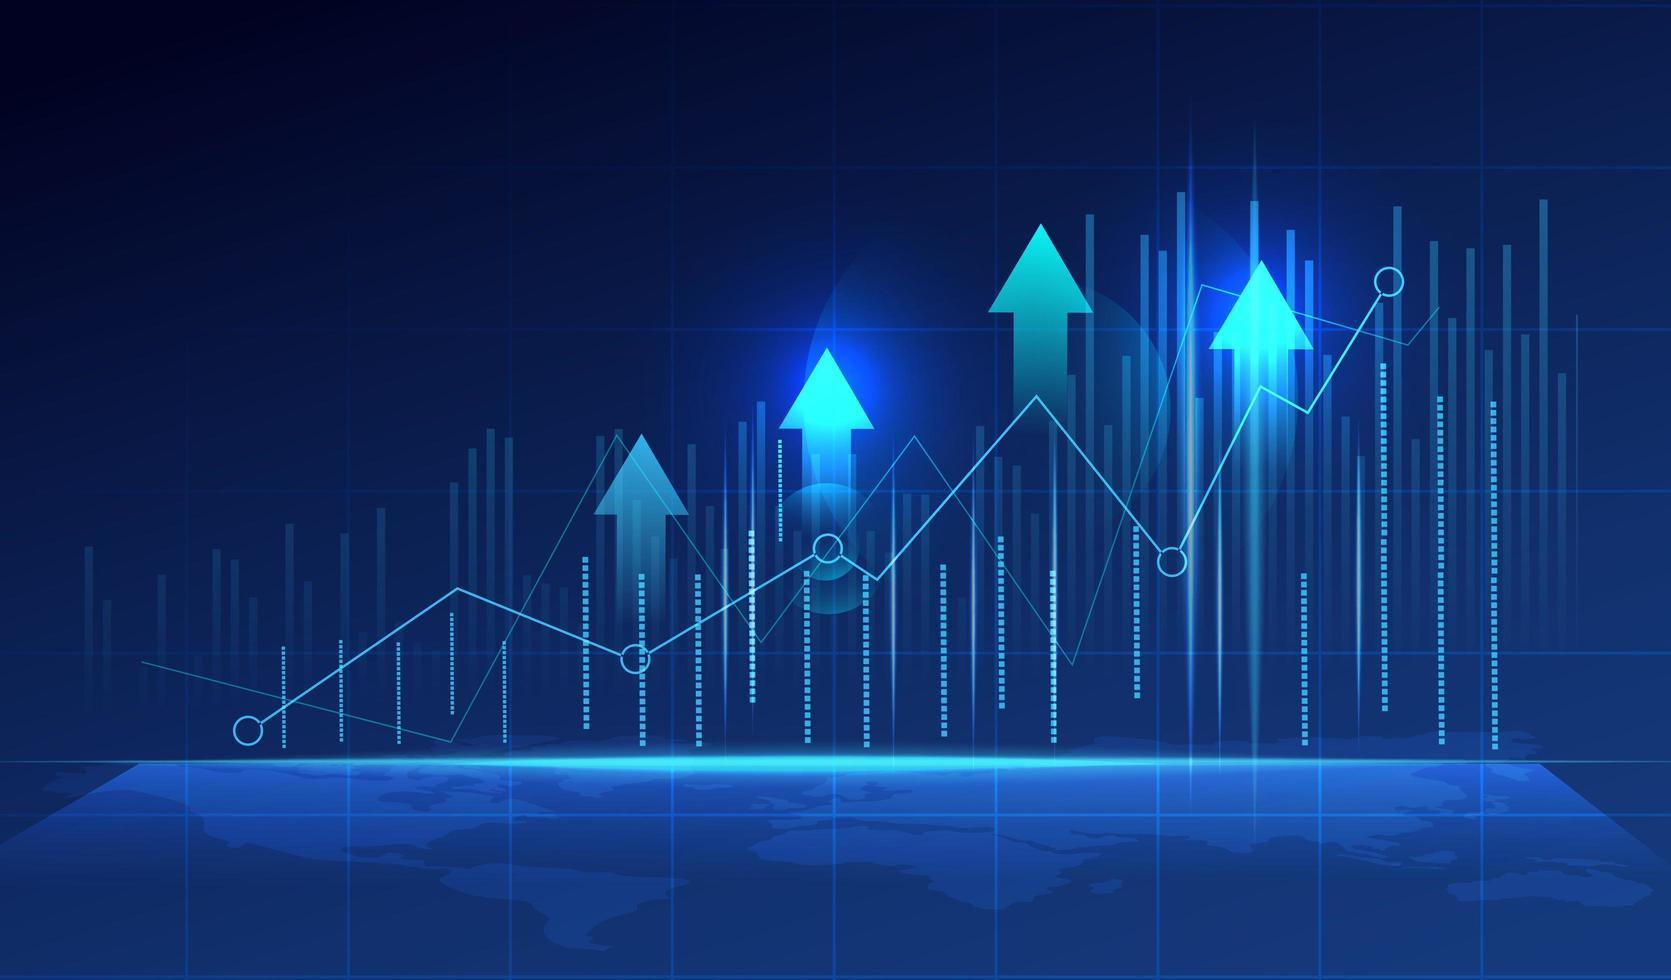 Geschäftsdiagrammdiagramm vektor